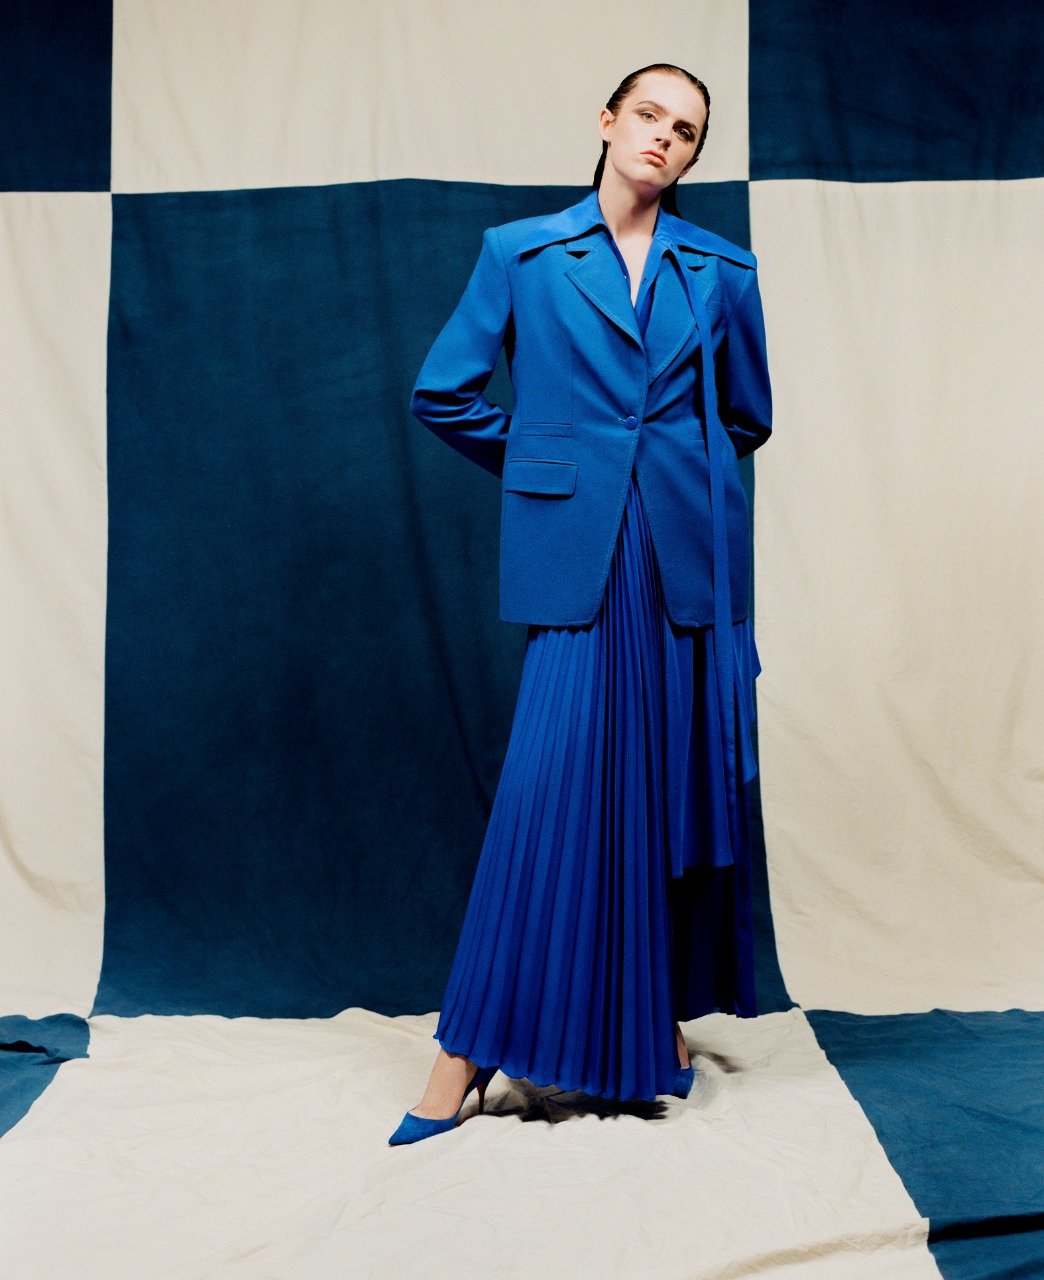 تنورة بليسيه طويلة باللون الأزرق من Christopher John Rogera